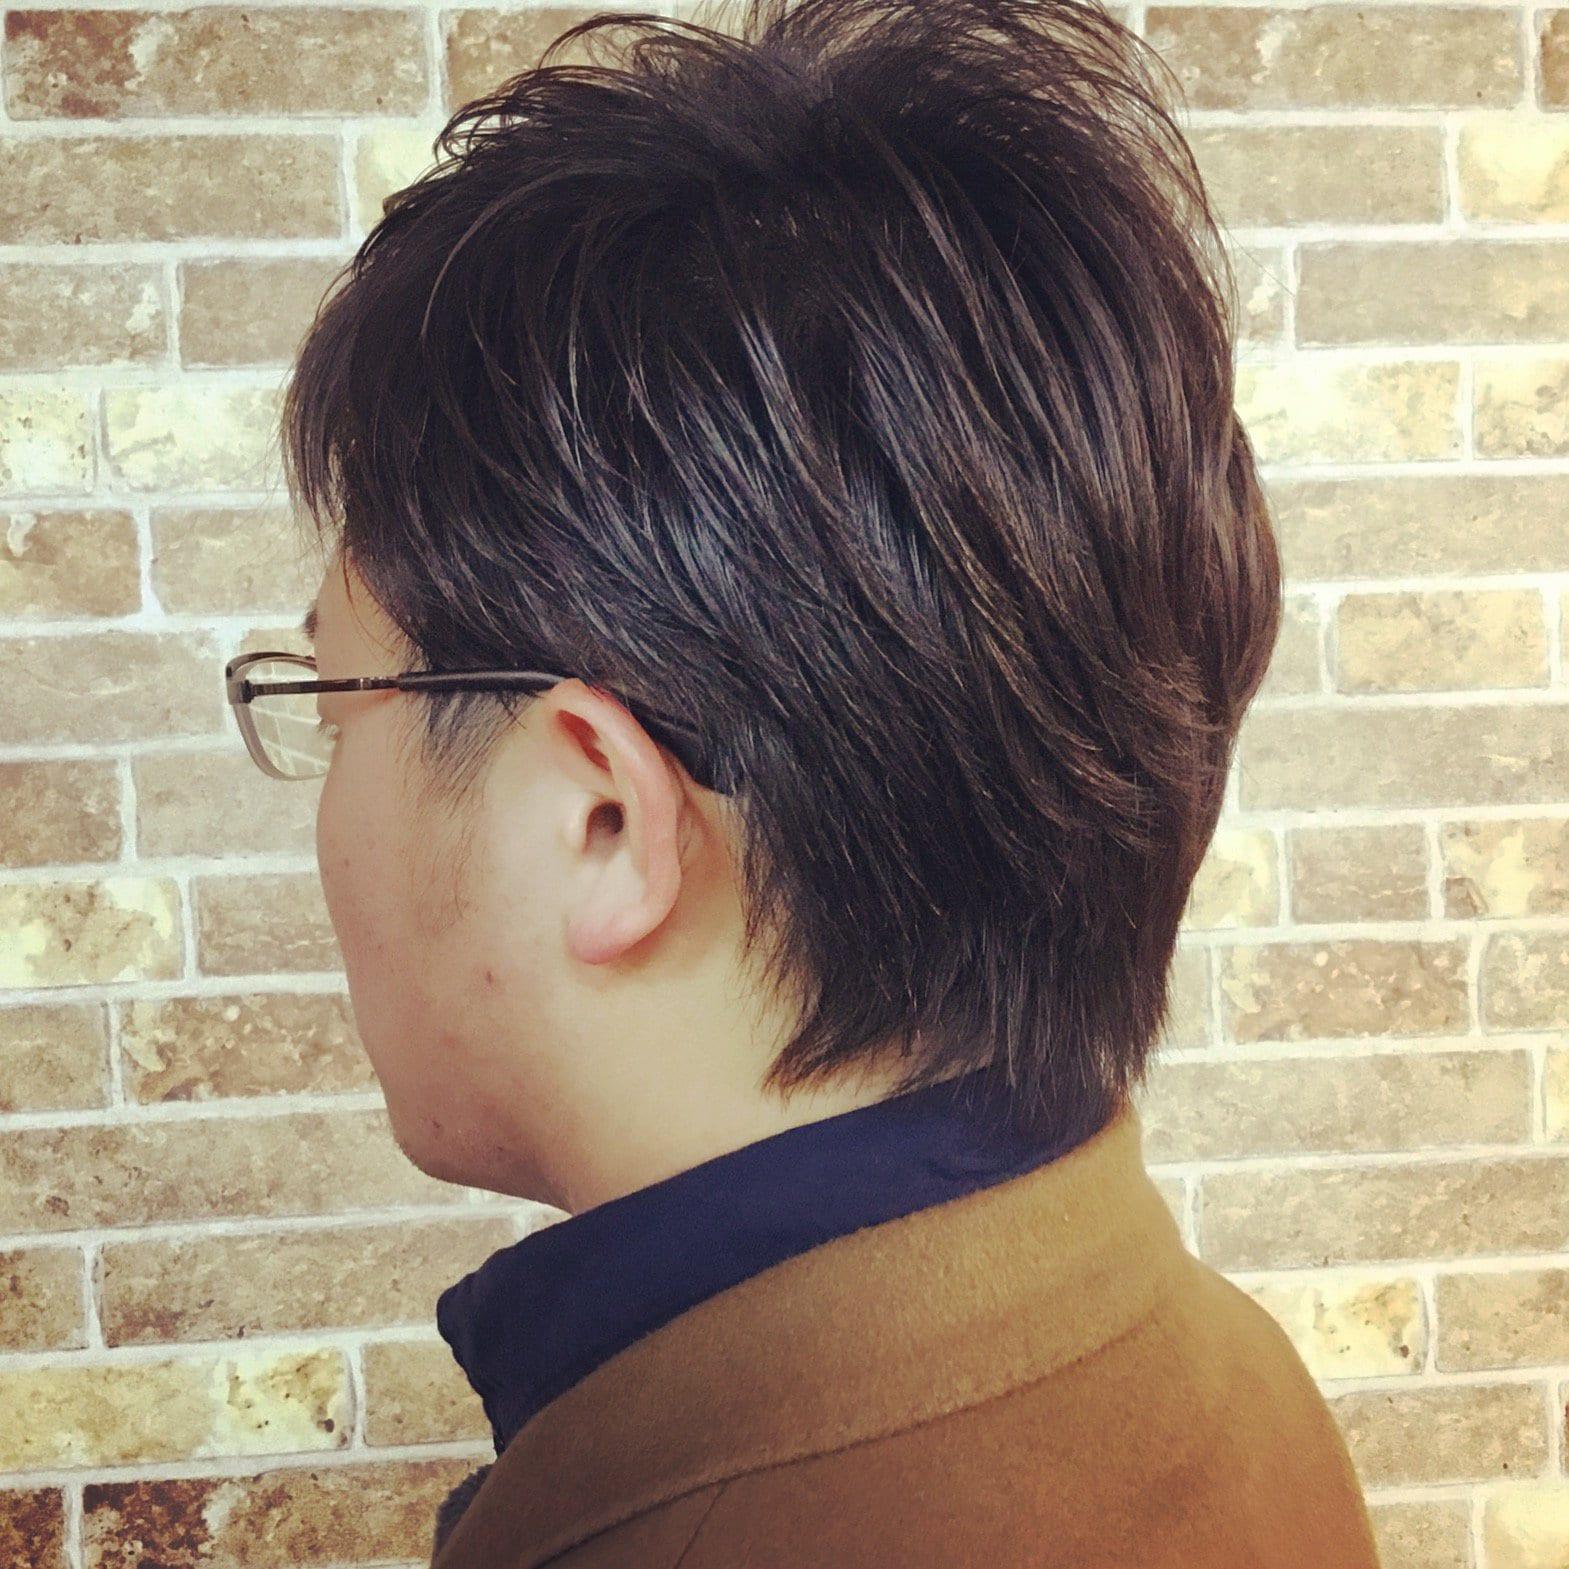 【店頭で支払い】カットチケット✂再現性抜群!あなたの髪質を考慮したお悩み解決カットのイメージその3